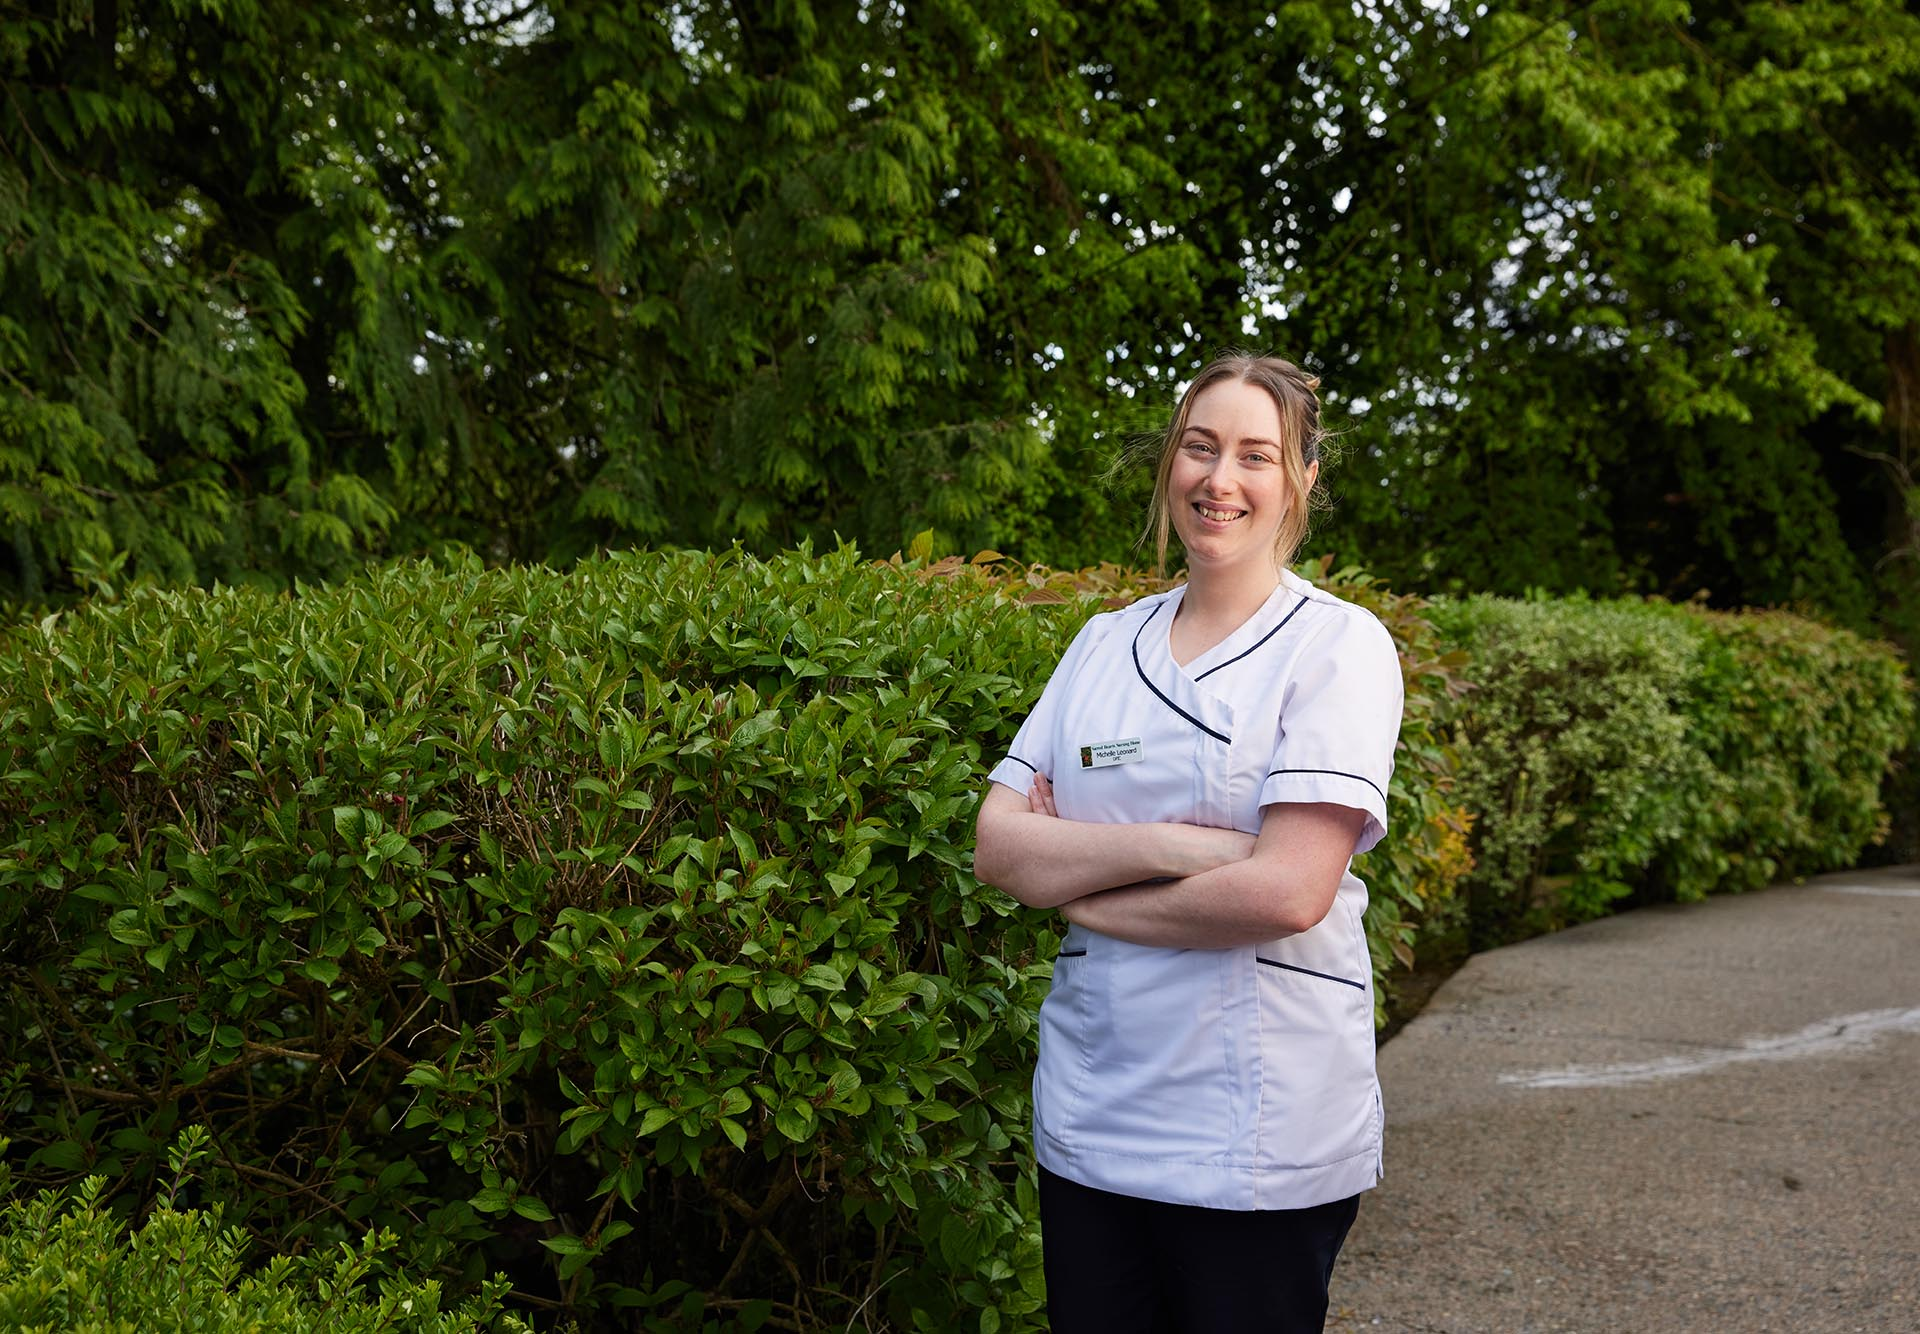 Evergreen nursing home Care